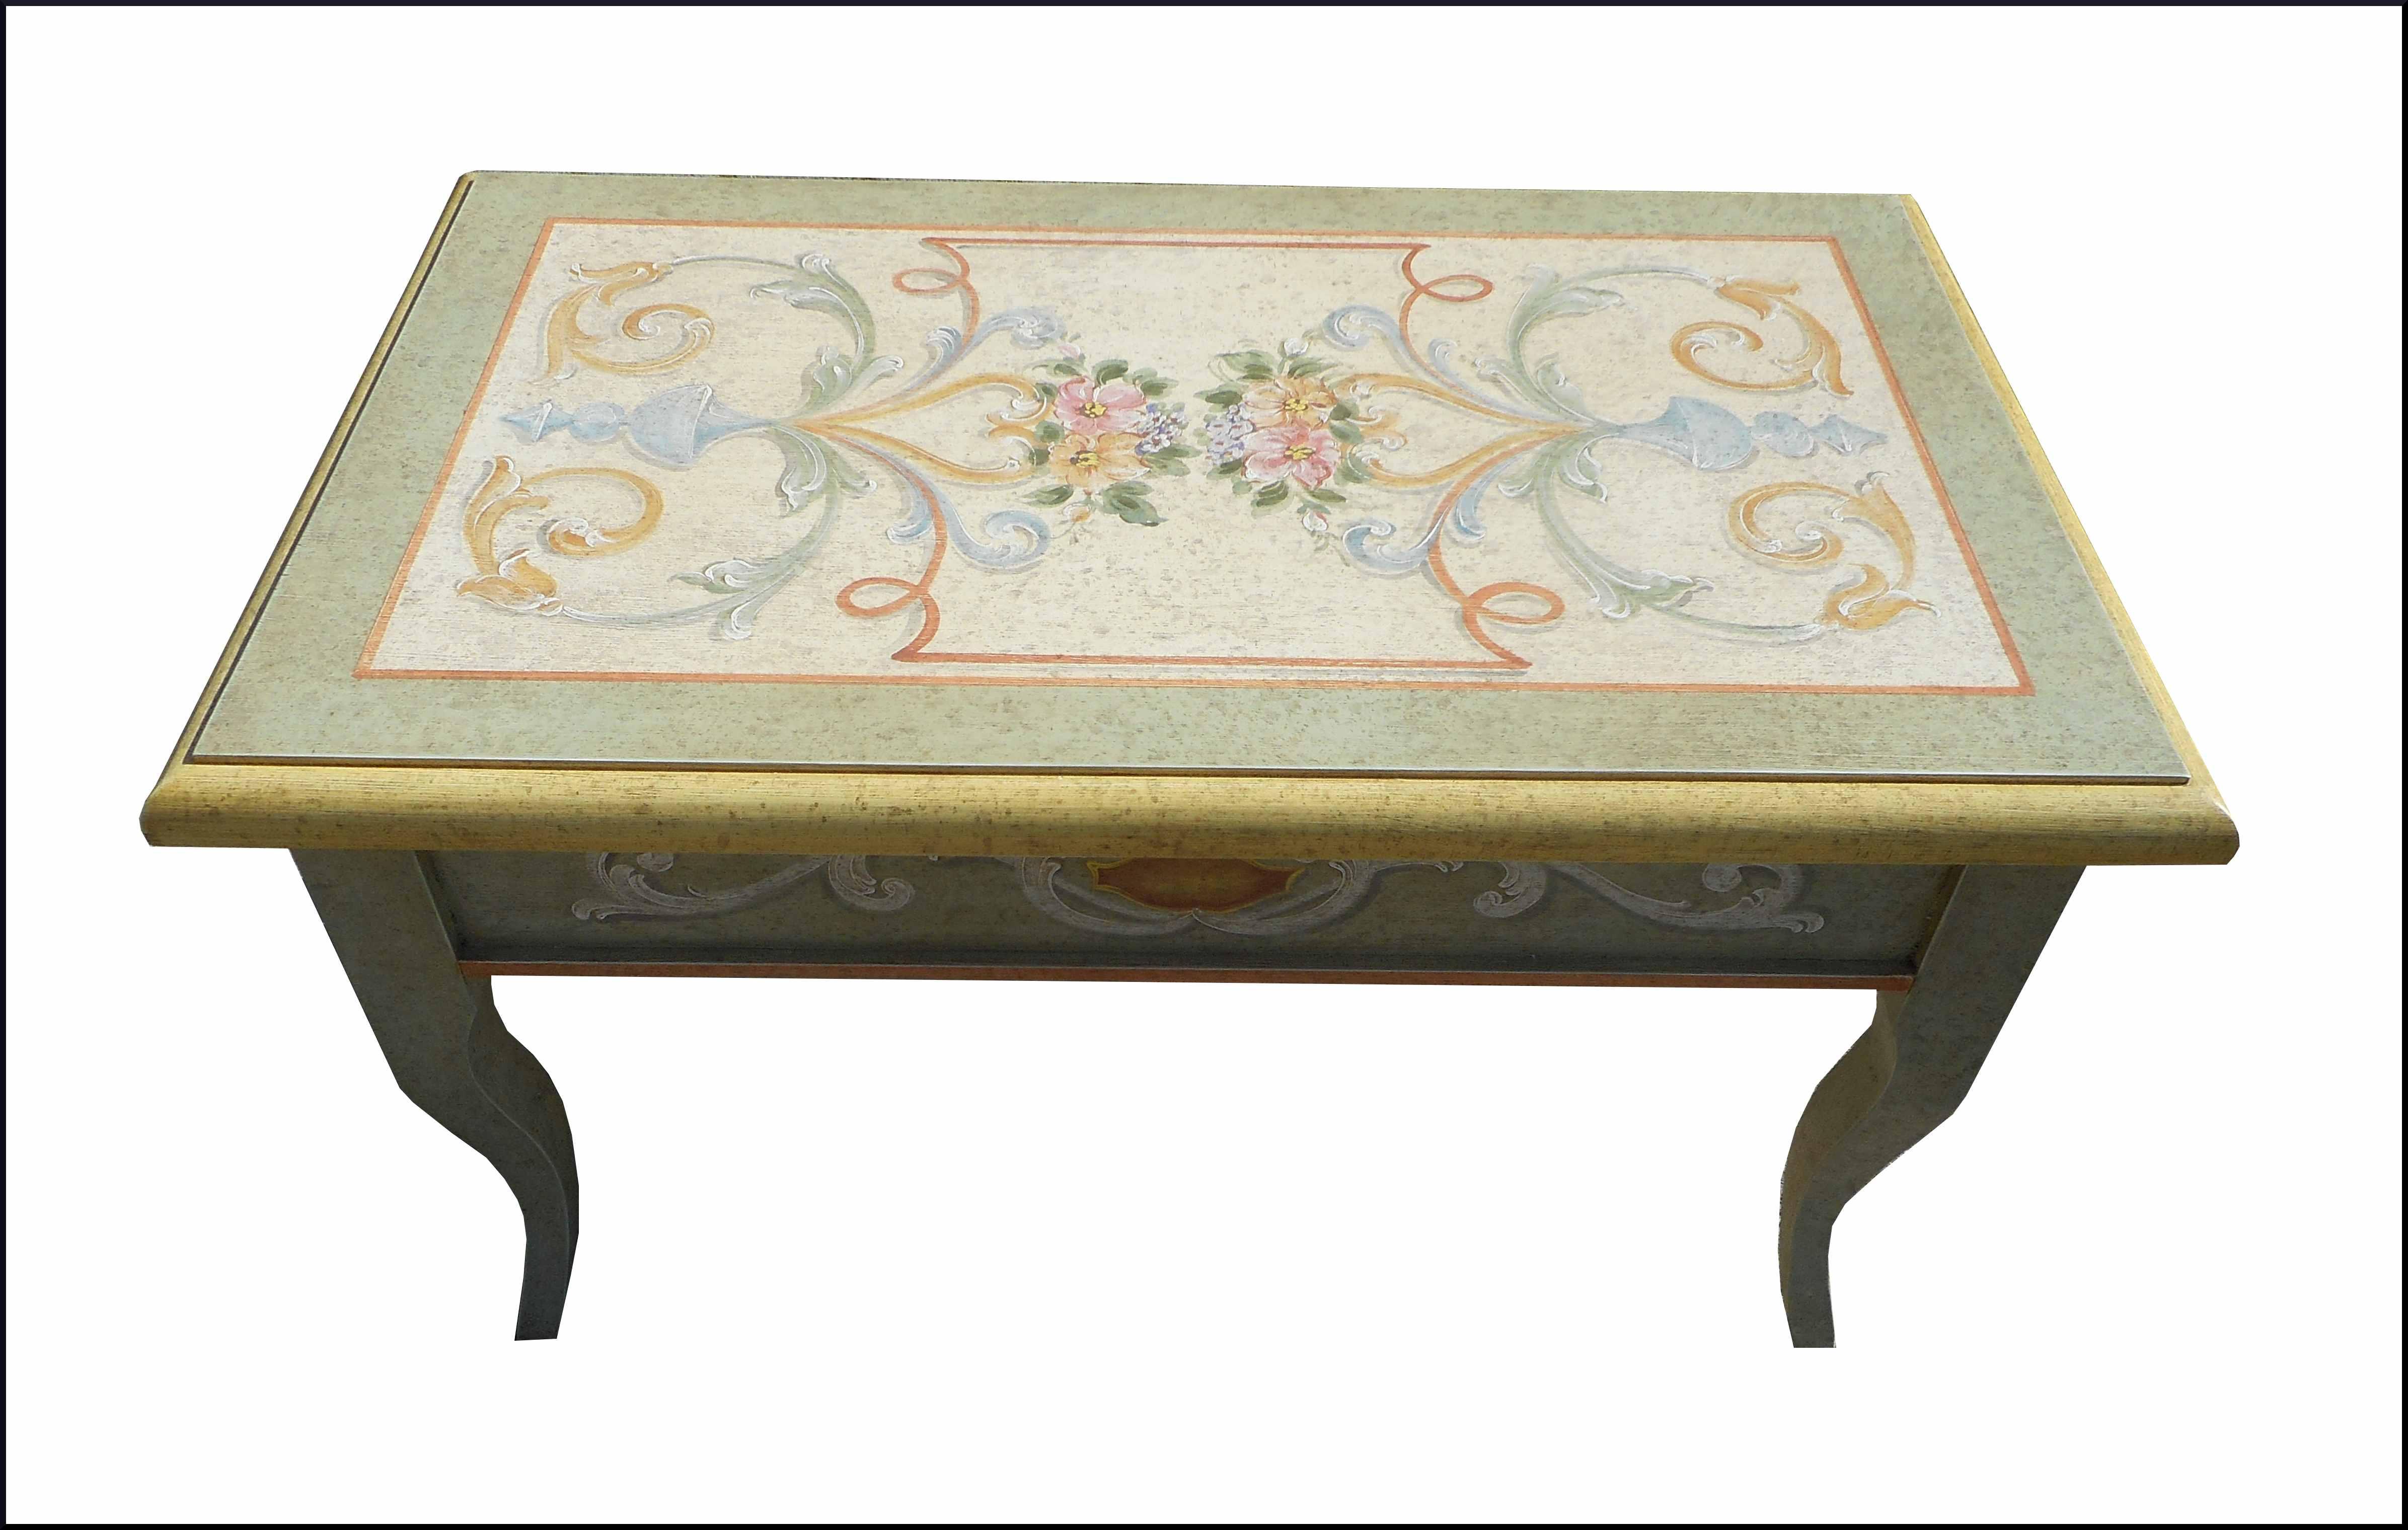 Tavolini Da Salotto In Stile Classico.Novita E Promozioni Mobili Antichi Restaurati E Riprodotti La